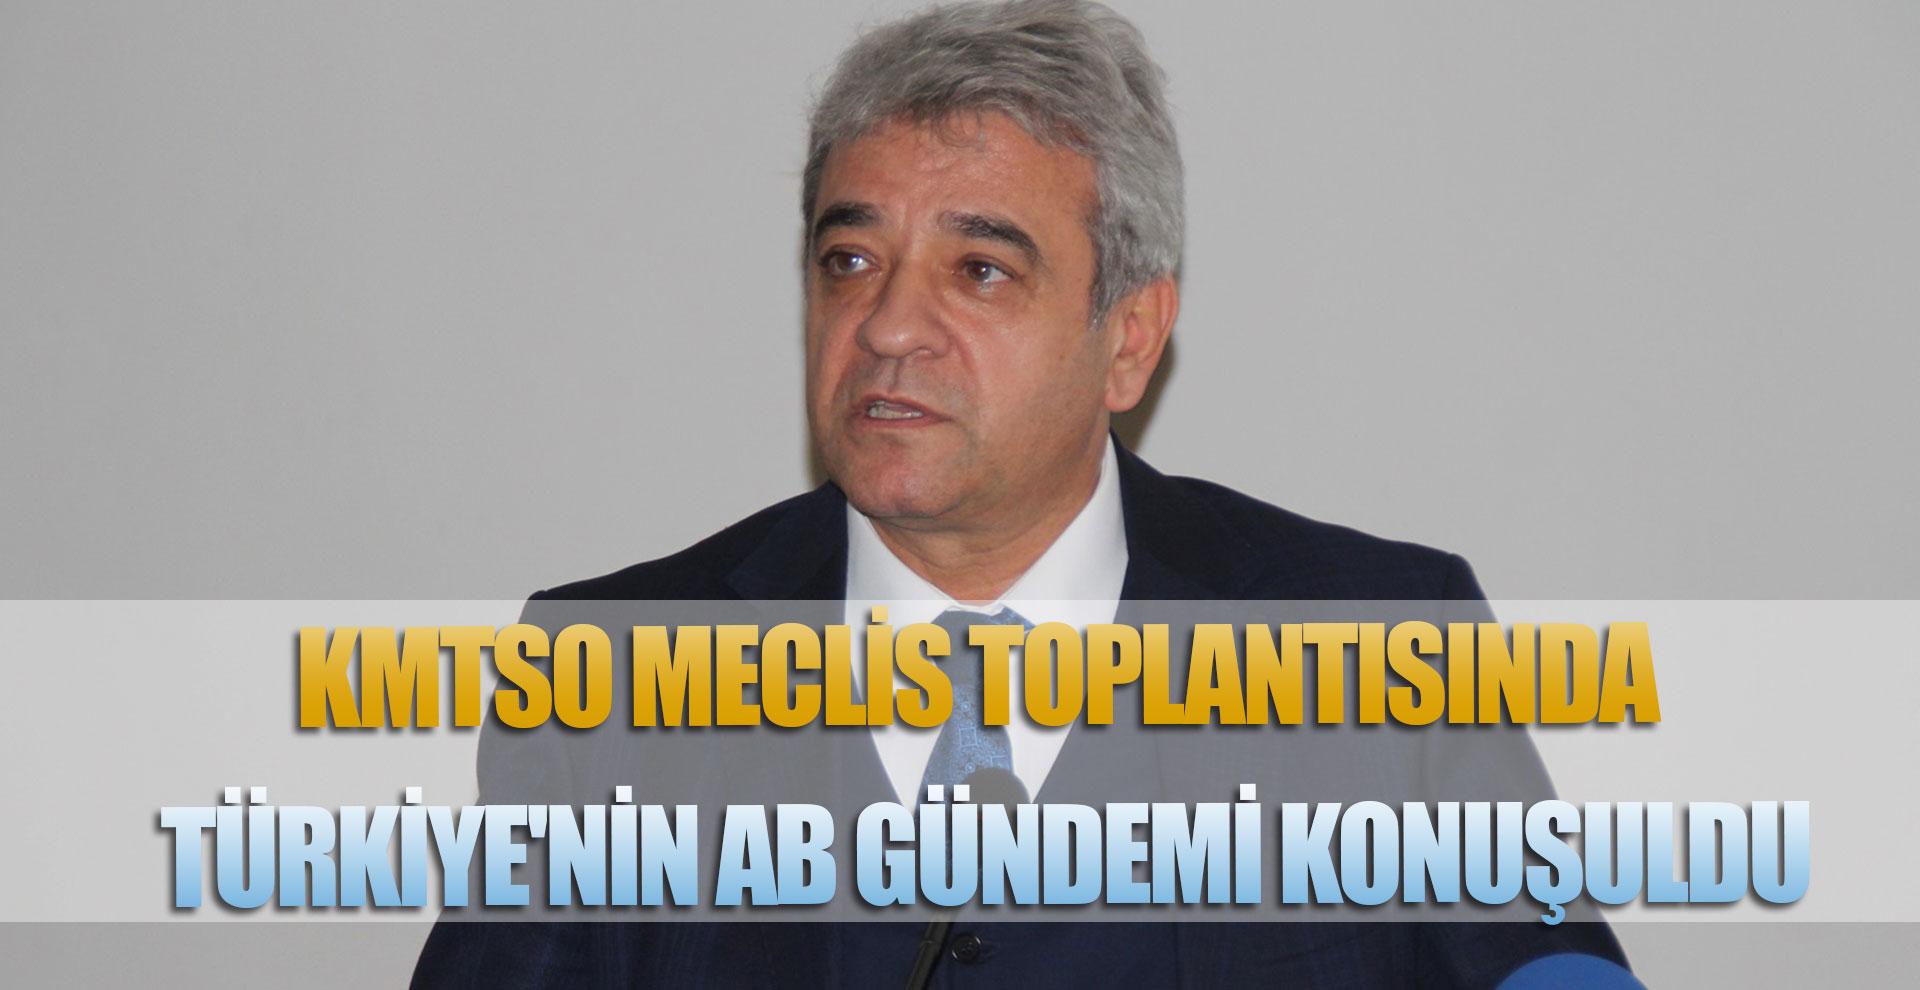 KMTSO MECLİS TOPLANTISINDA TÜRKİYE'NİN AB GÜNDEMİ KONUŞULDU